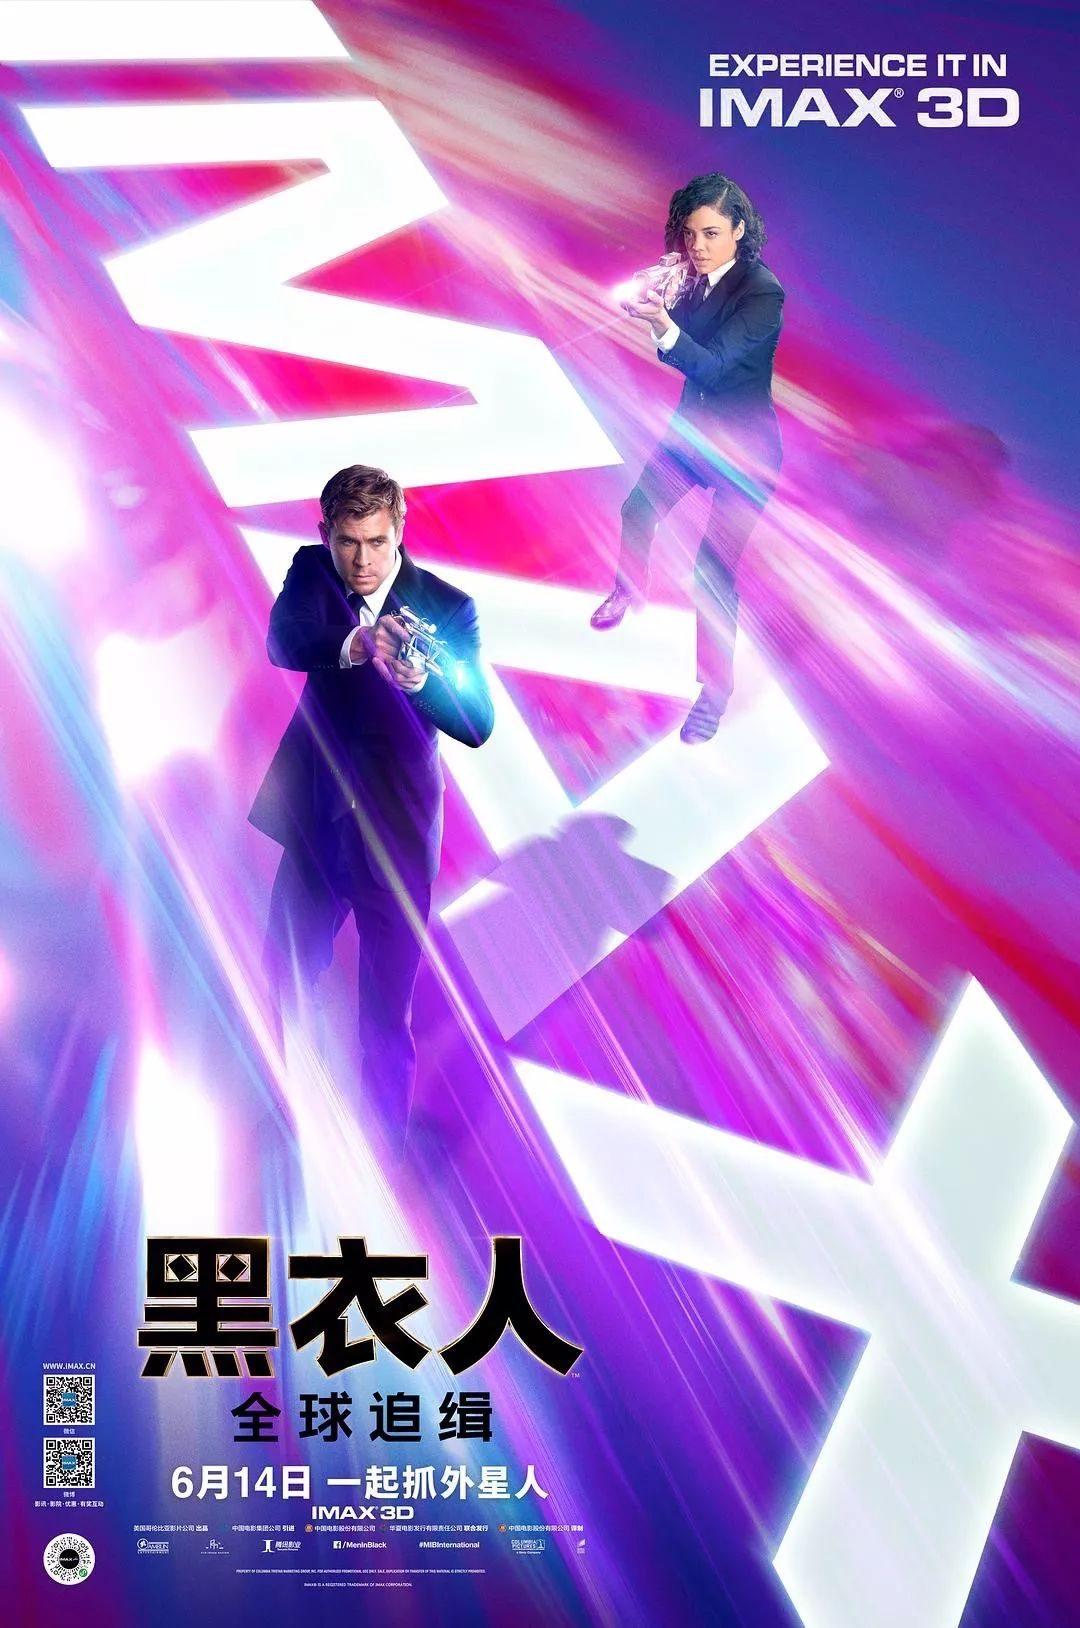 电影丨《黑衣人:全球追缉》发北美IMAX海报:经典动作IP归来,锤哥女武神并肩作战